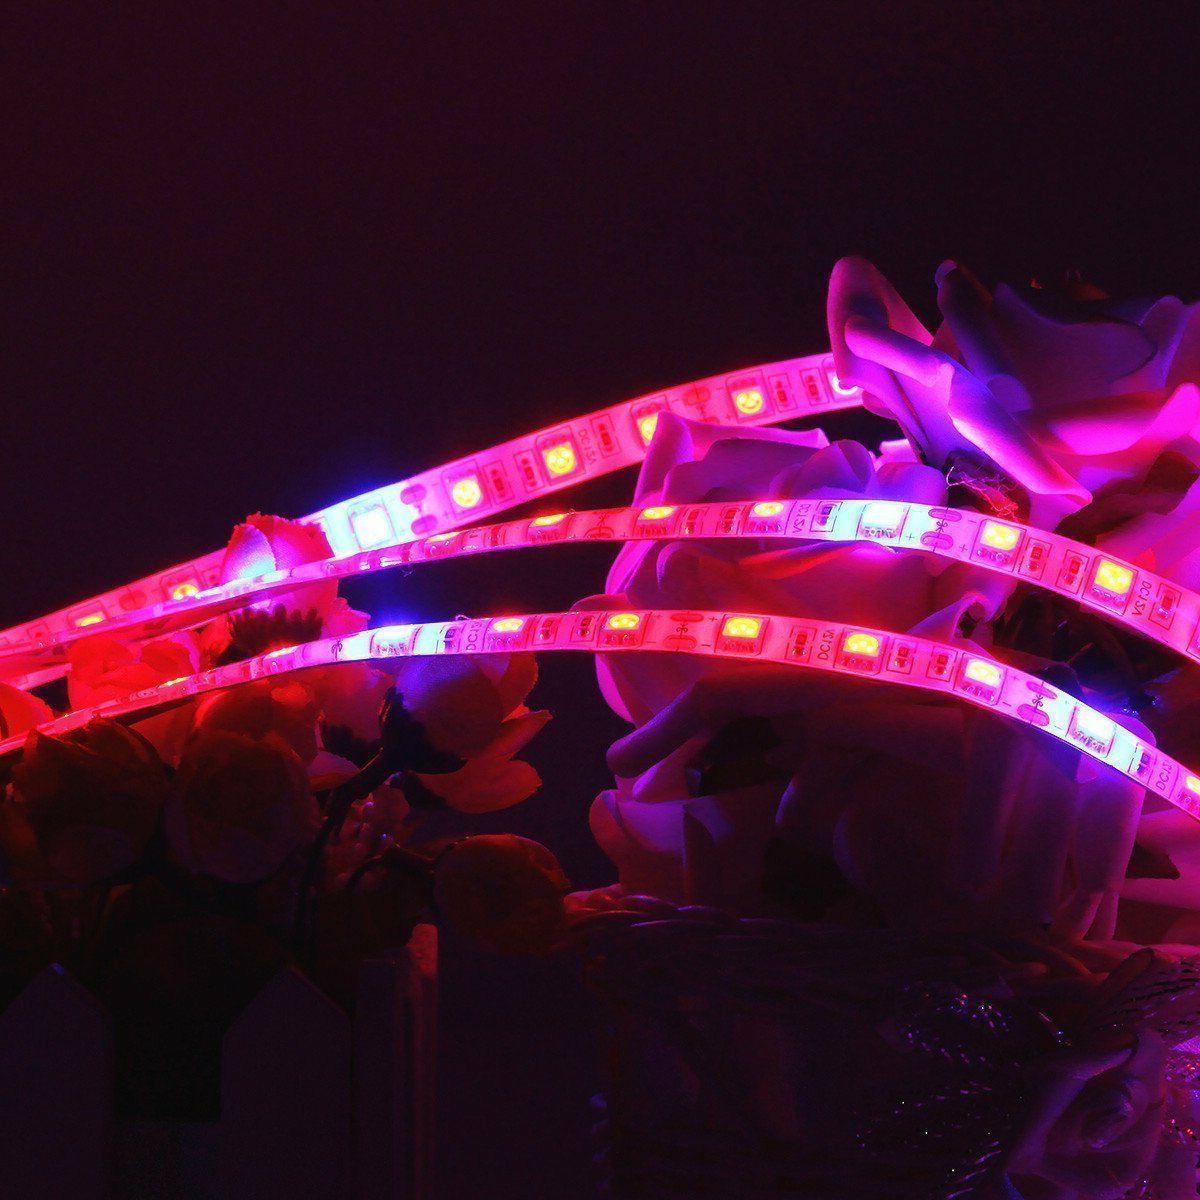 5M LED Grow Light Full Spectrum Lamp Blue Red For Greenhouse